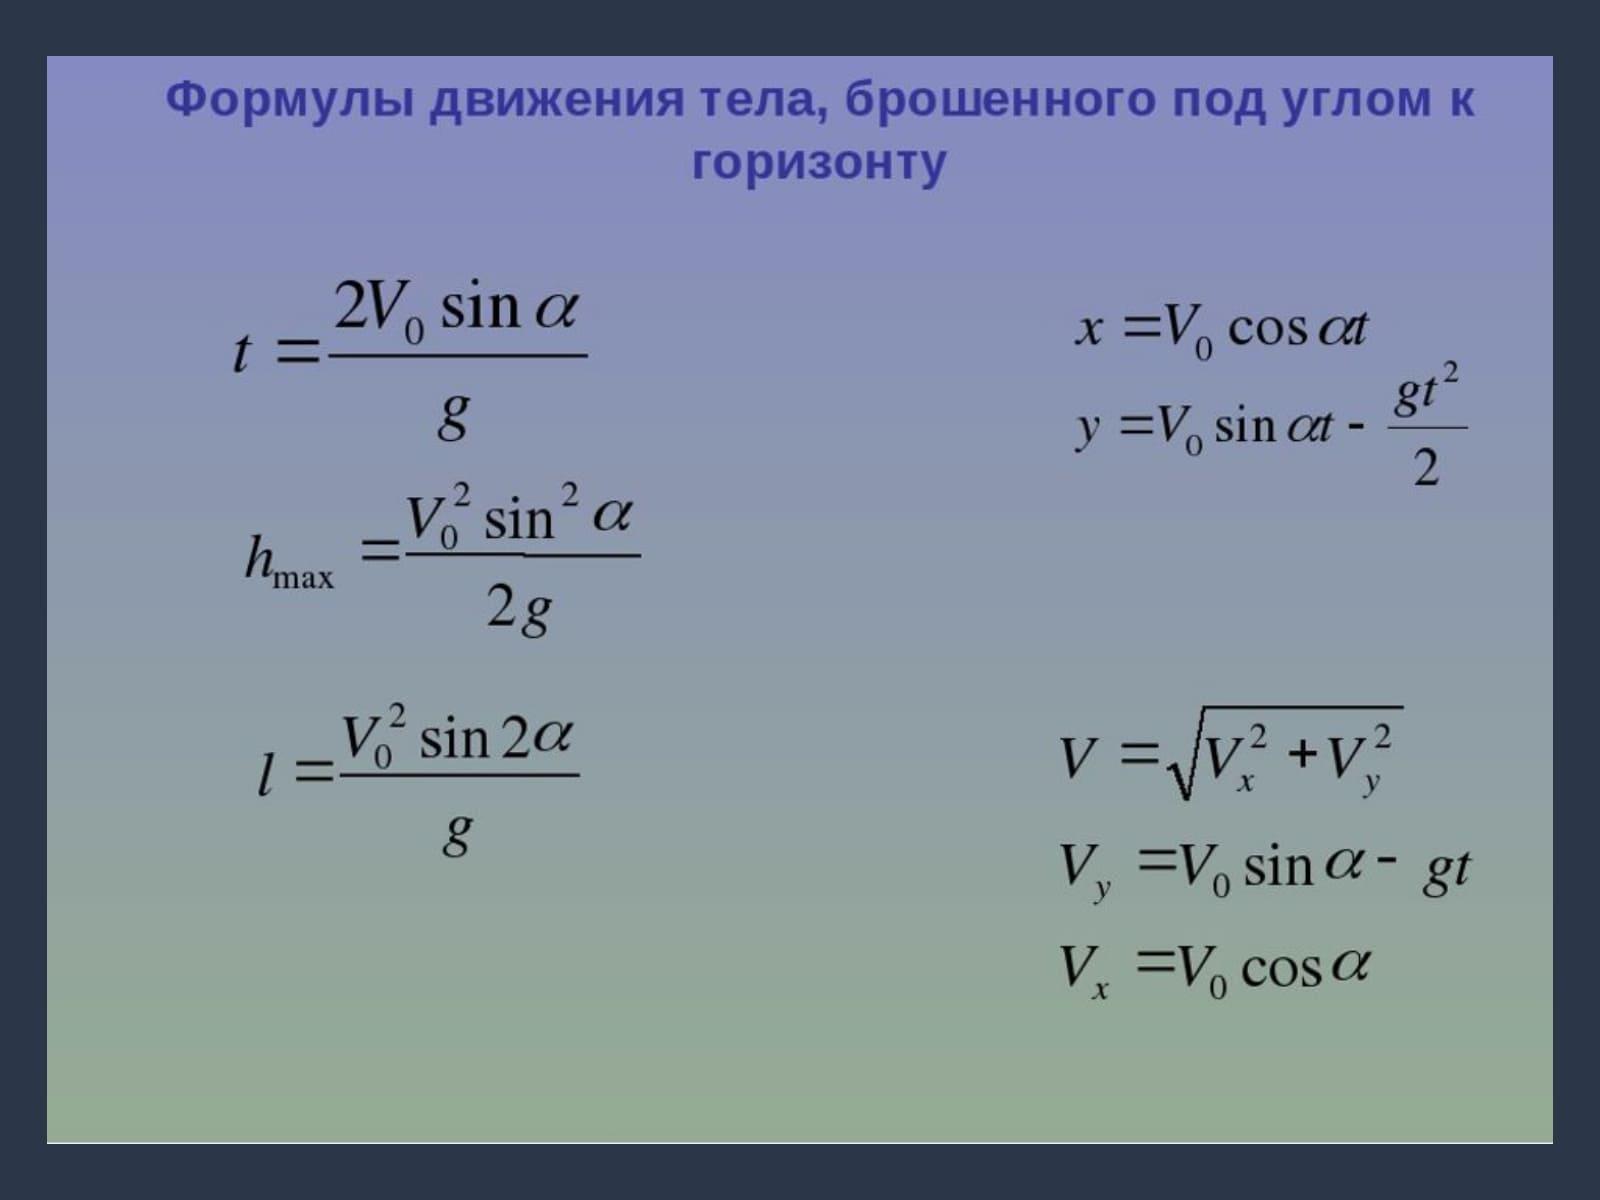 формулы движения тела, брошенного под углом к горизонту